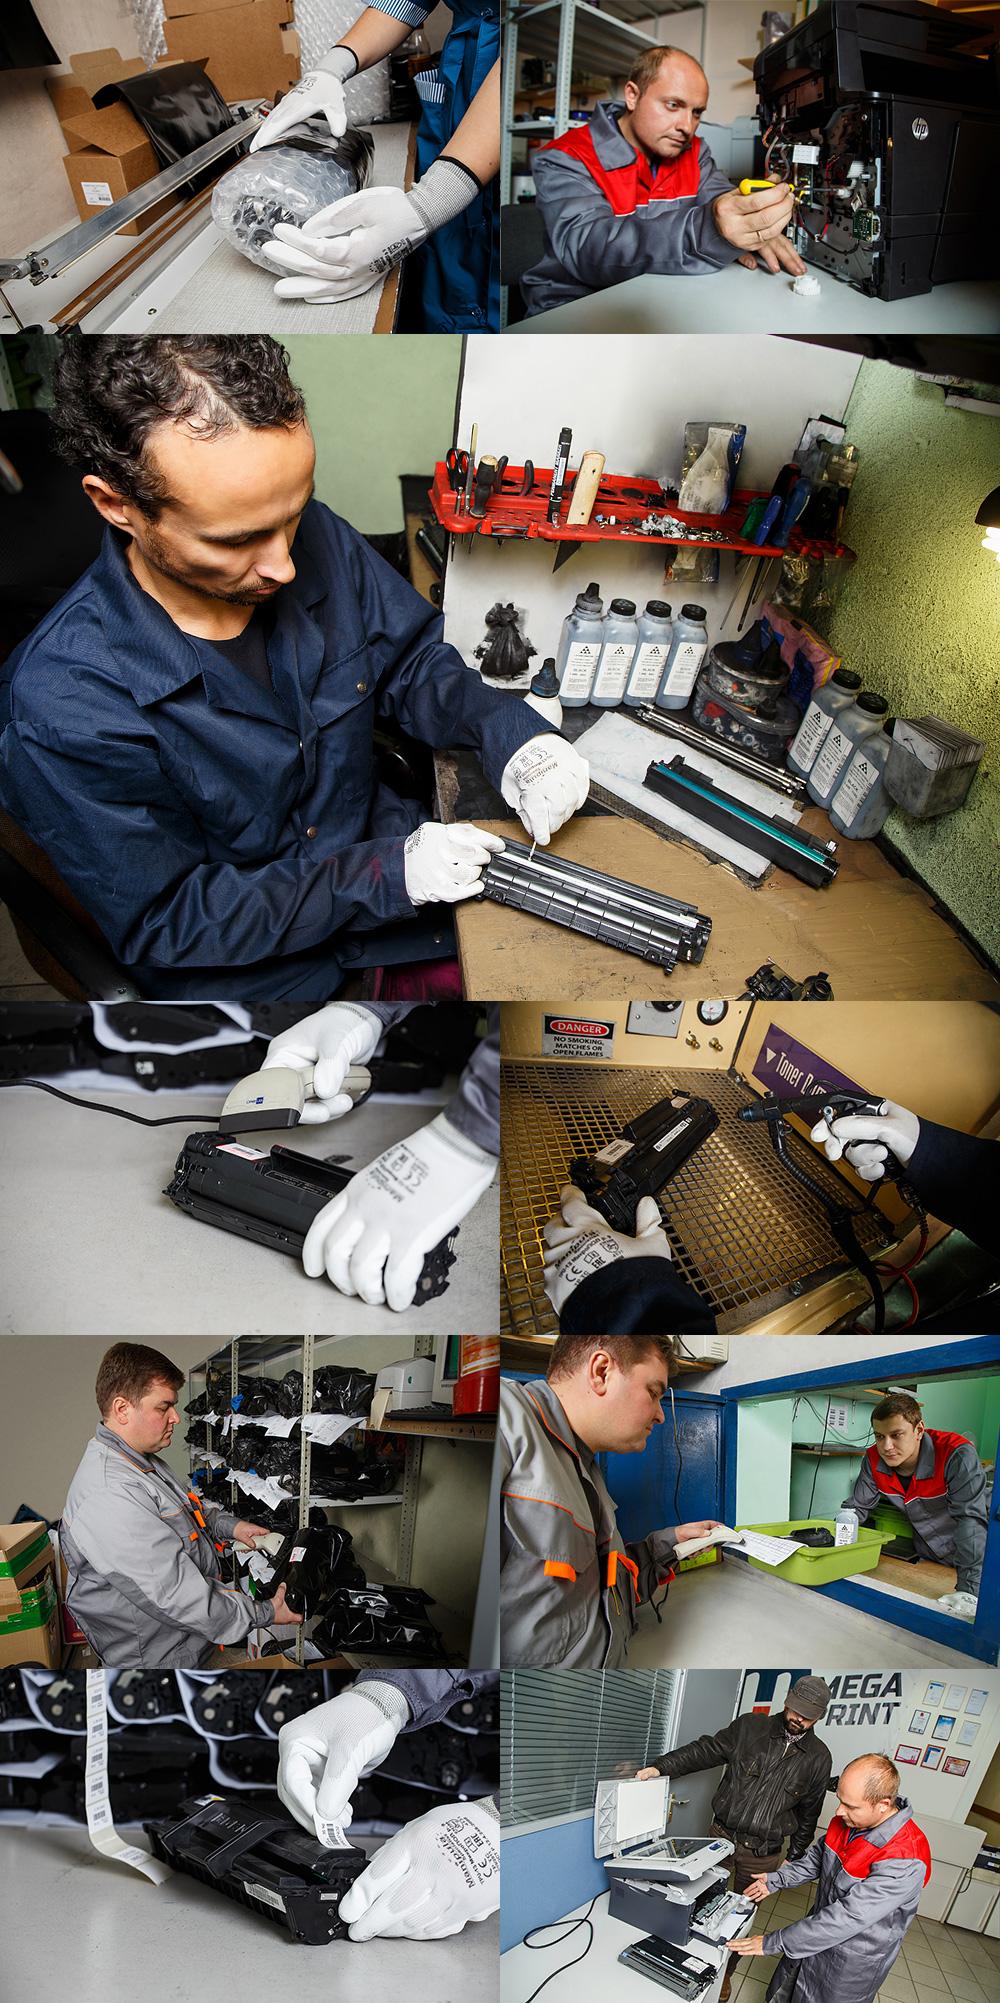 Мегапринт: производственный репортаж для компании (9 фото).